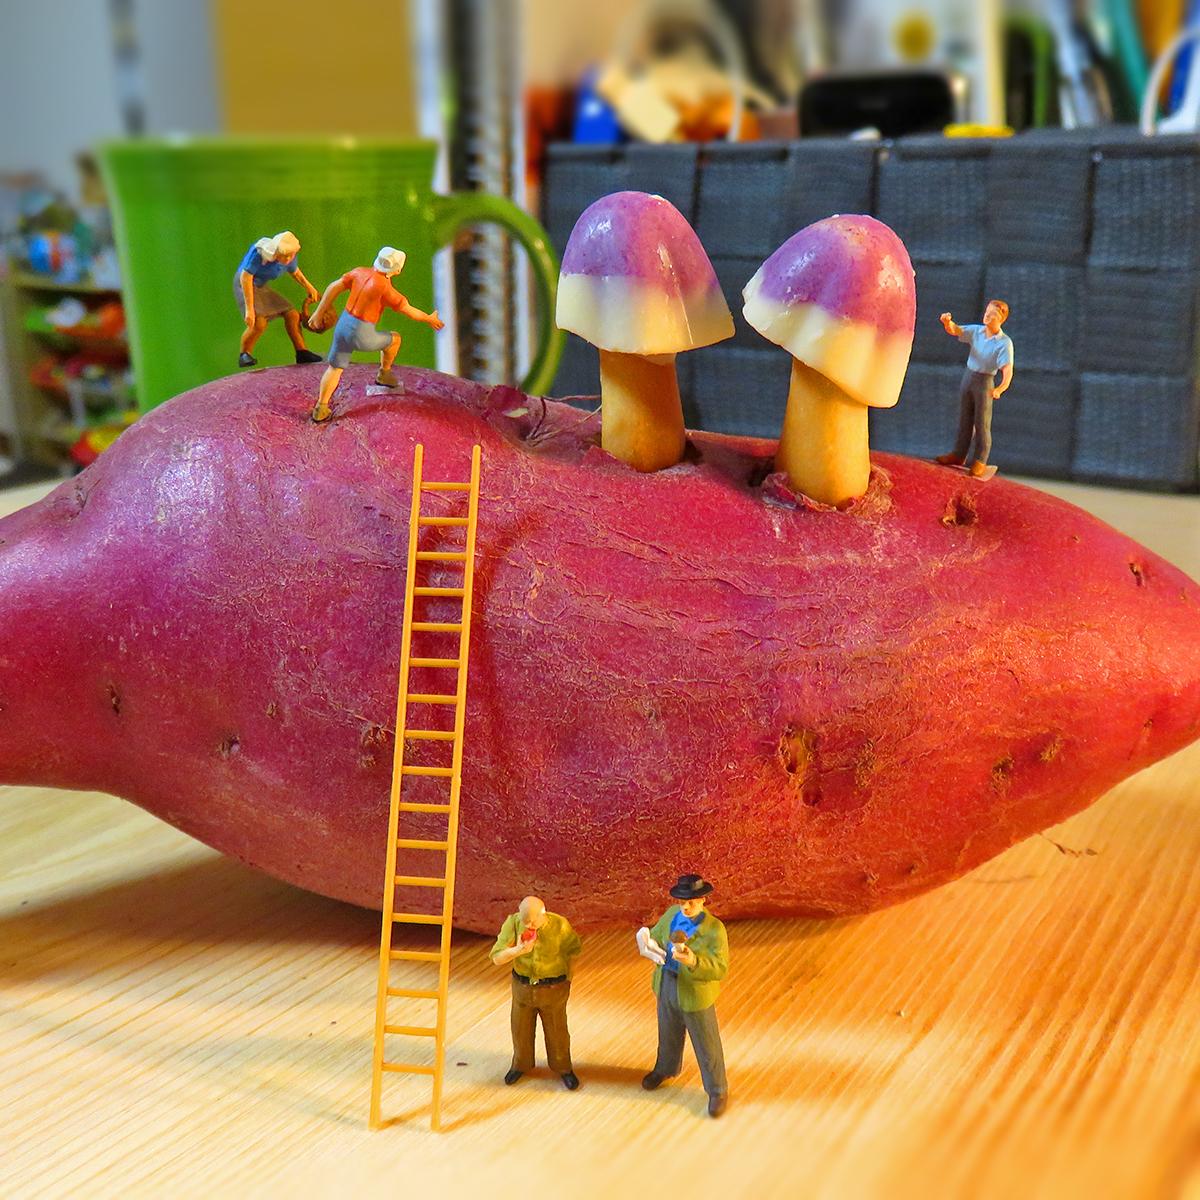 10月13日はサツマイモの日!15日はキノコの日!サツマイモに生えた紫いも味きのこの山を収穫する人達